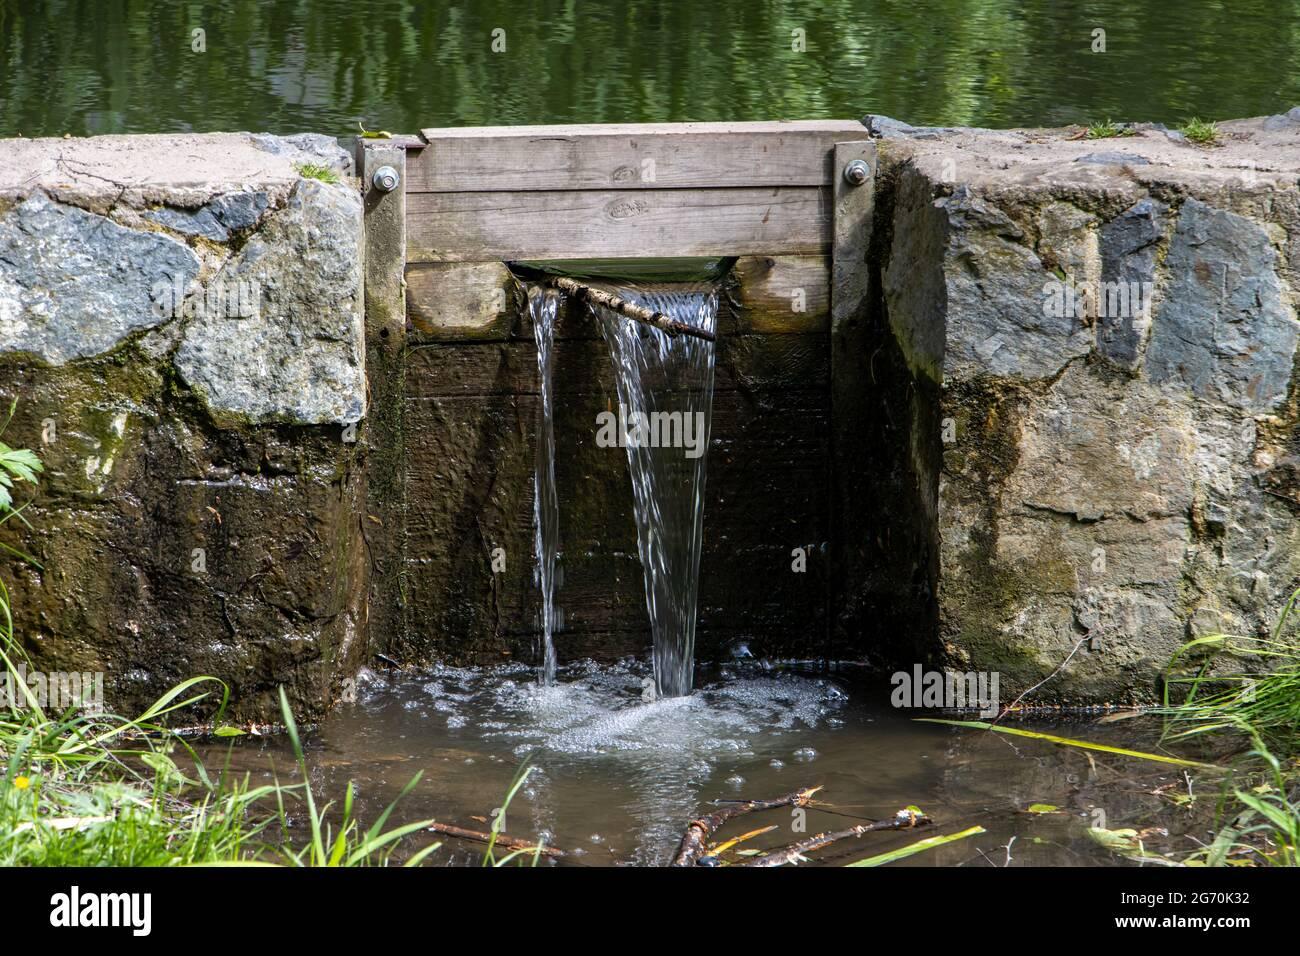 Ein Wasser fließt durch die Schleusen auf dem kleinen Steindamm des Teiches Stockfoto